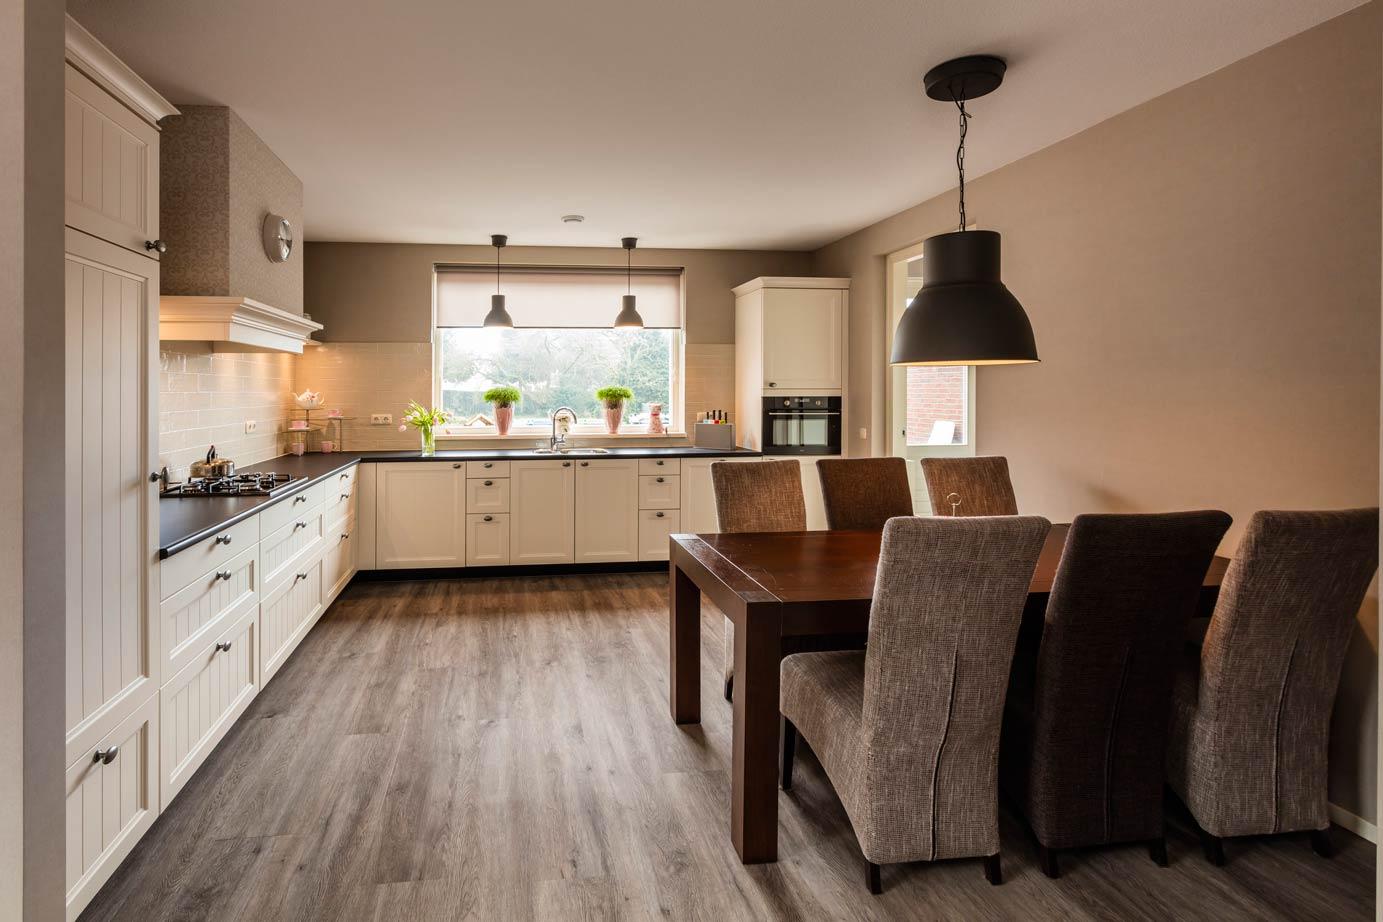 Arma Keukens Nunspeet : Landelijke keuken kopen op urk lees klantervaring arma